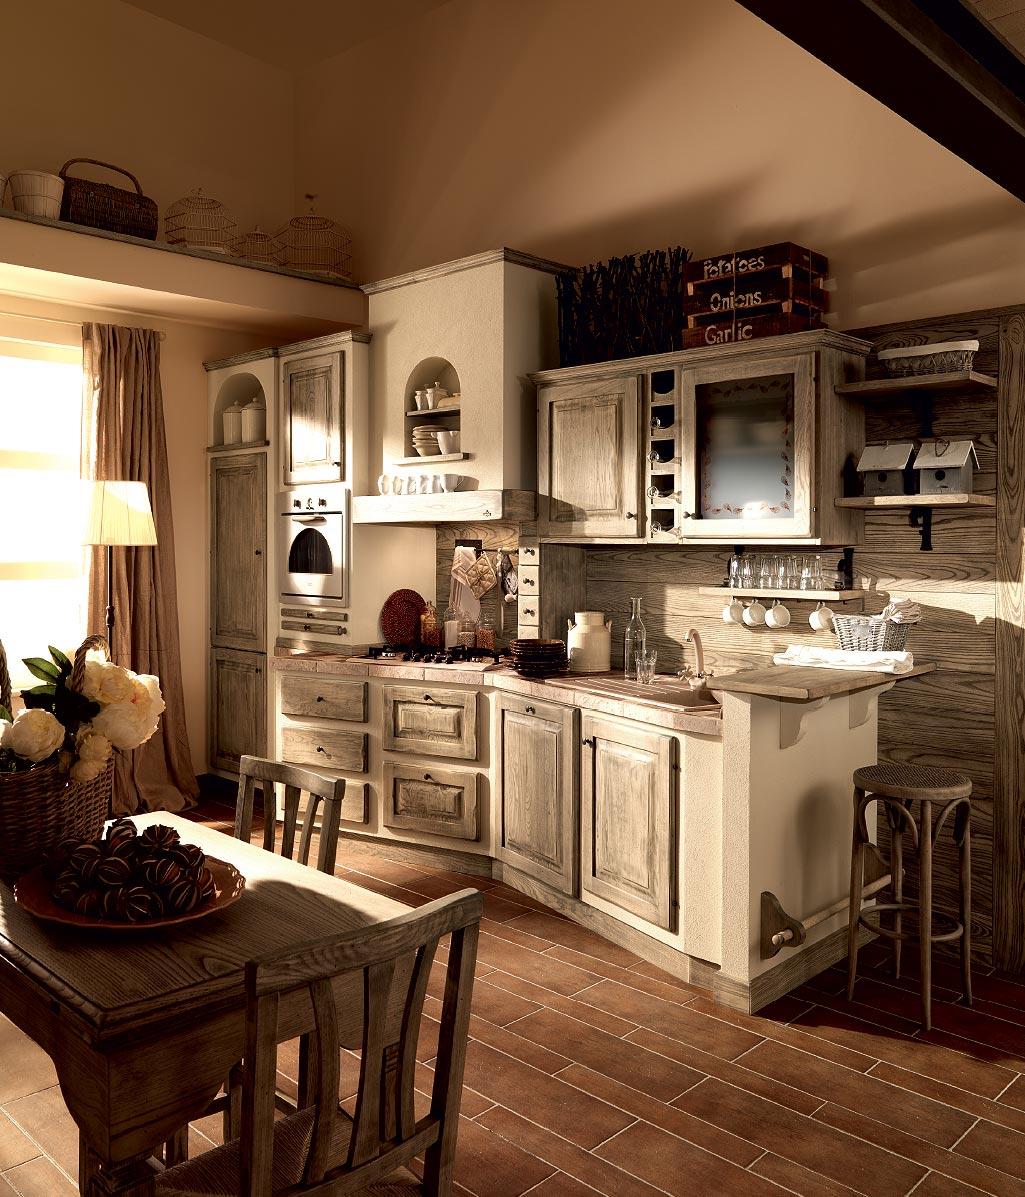 Zappalorto Cucine Tradizionali #A88023 1025 1197 Cucine Rustiche In Muratura Zappalorto